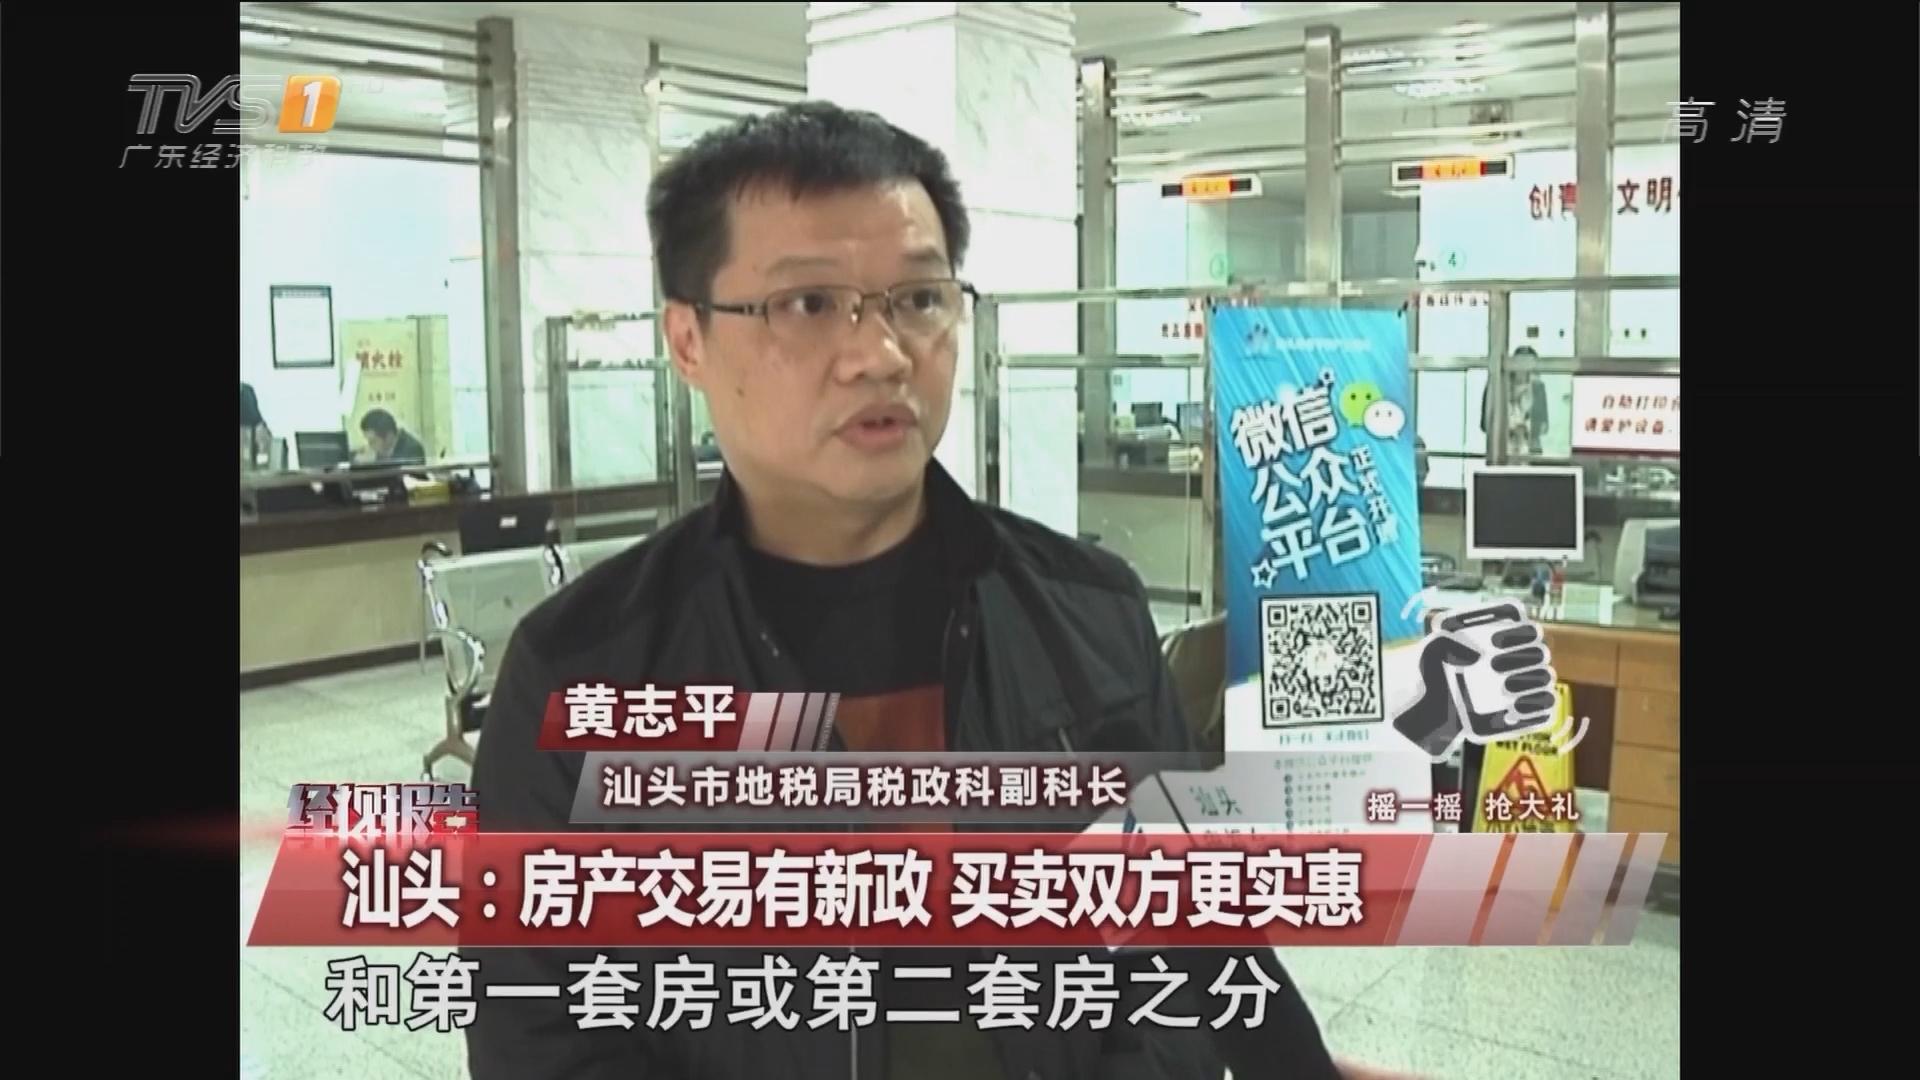 汕头:房产交易有新政 买卖双方更实惠